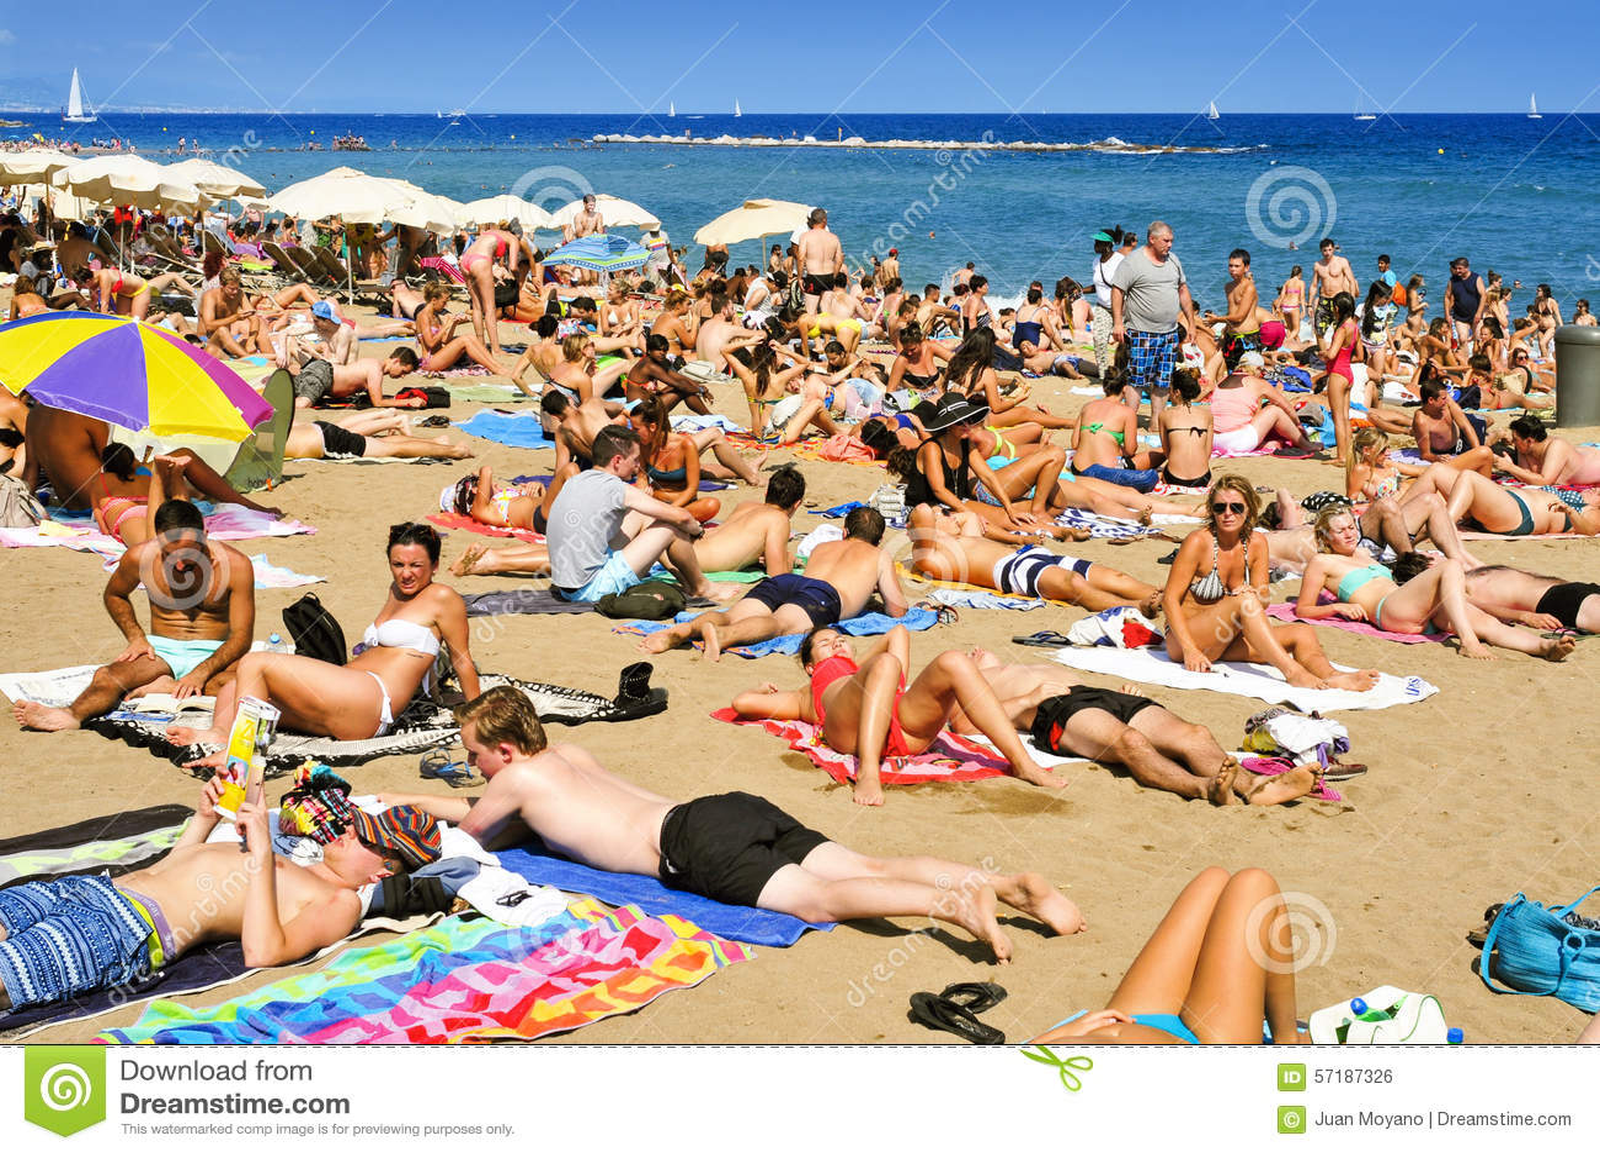 Барселона пляж девушки фото